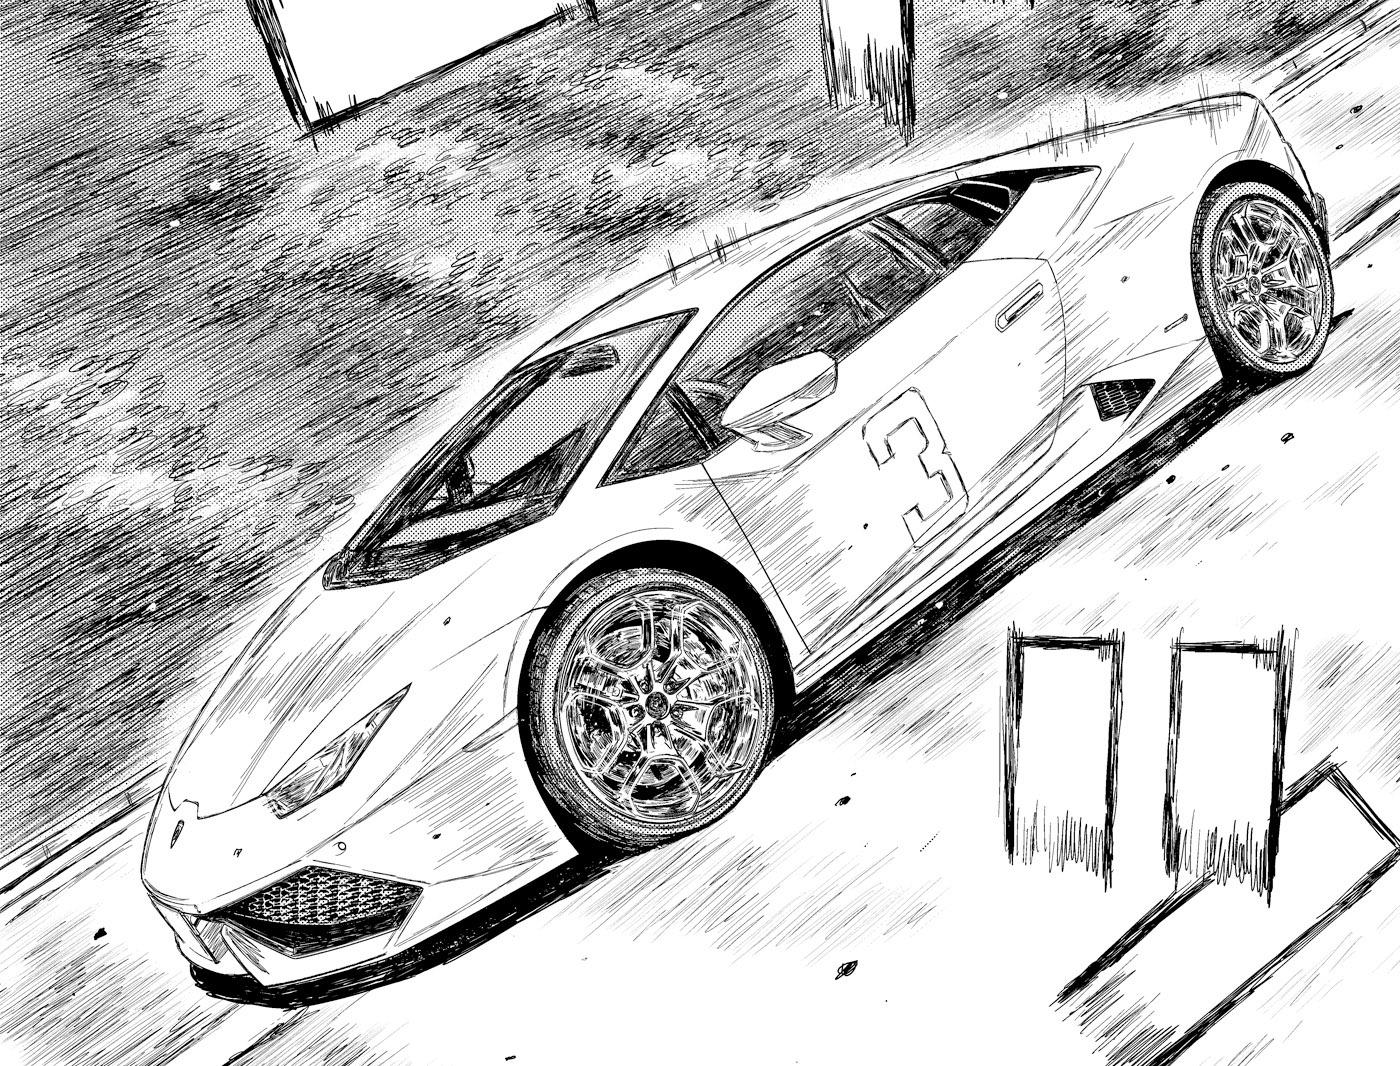 ランボルギーニ ウラカン LP610-4(ベース車価格 2971万2960円)